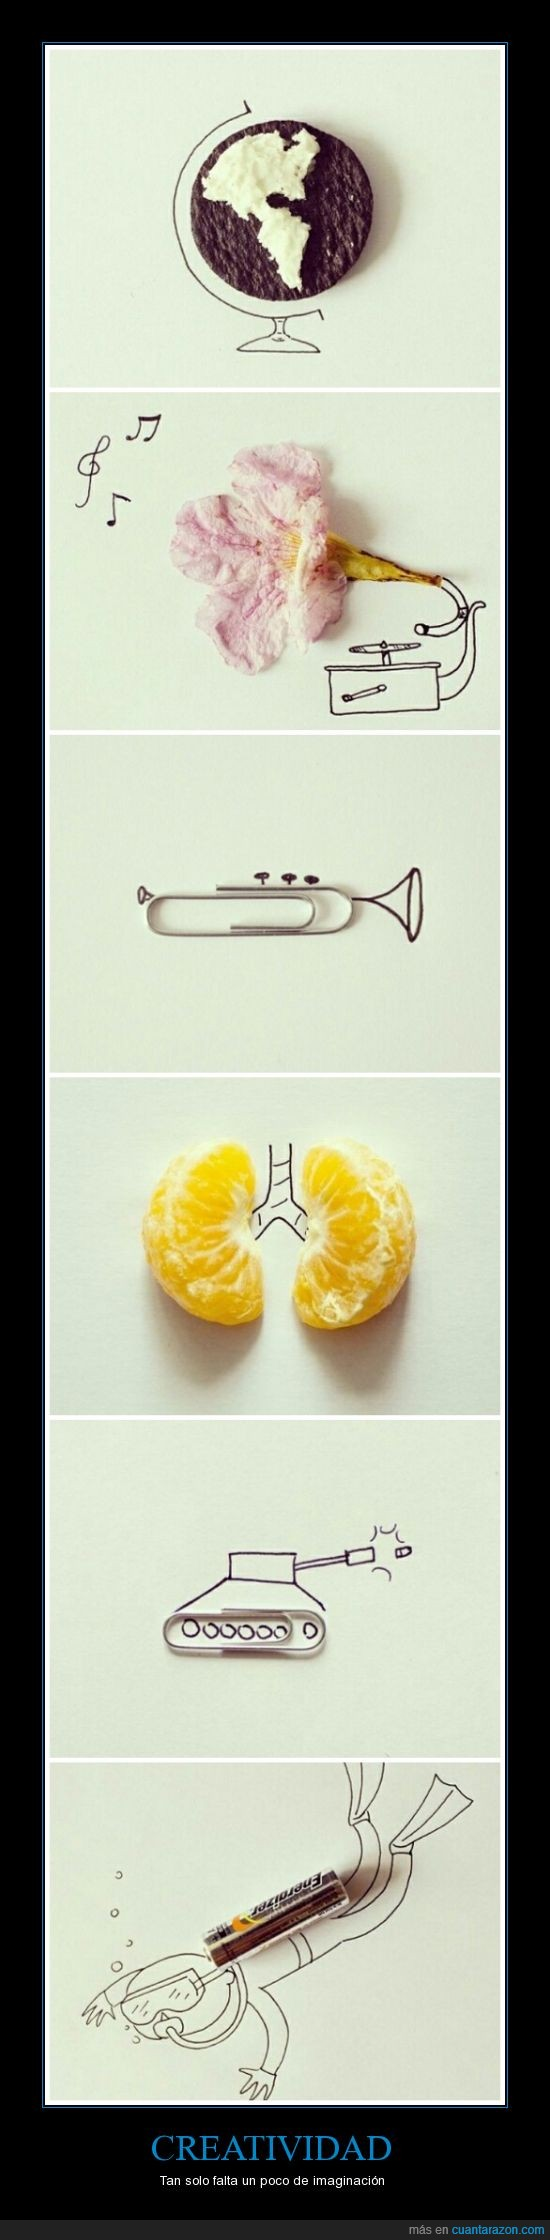 buceo,combinar,mundo,música,pulmones,tanque,trompeta